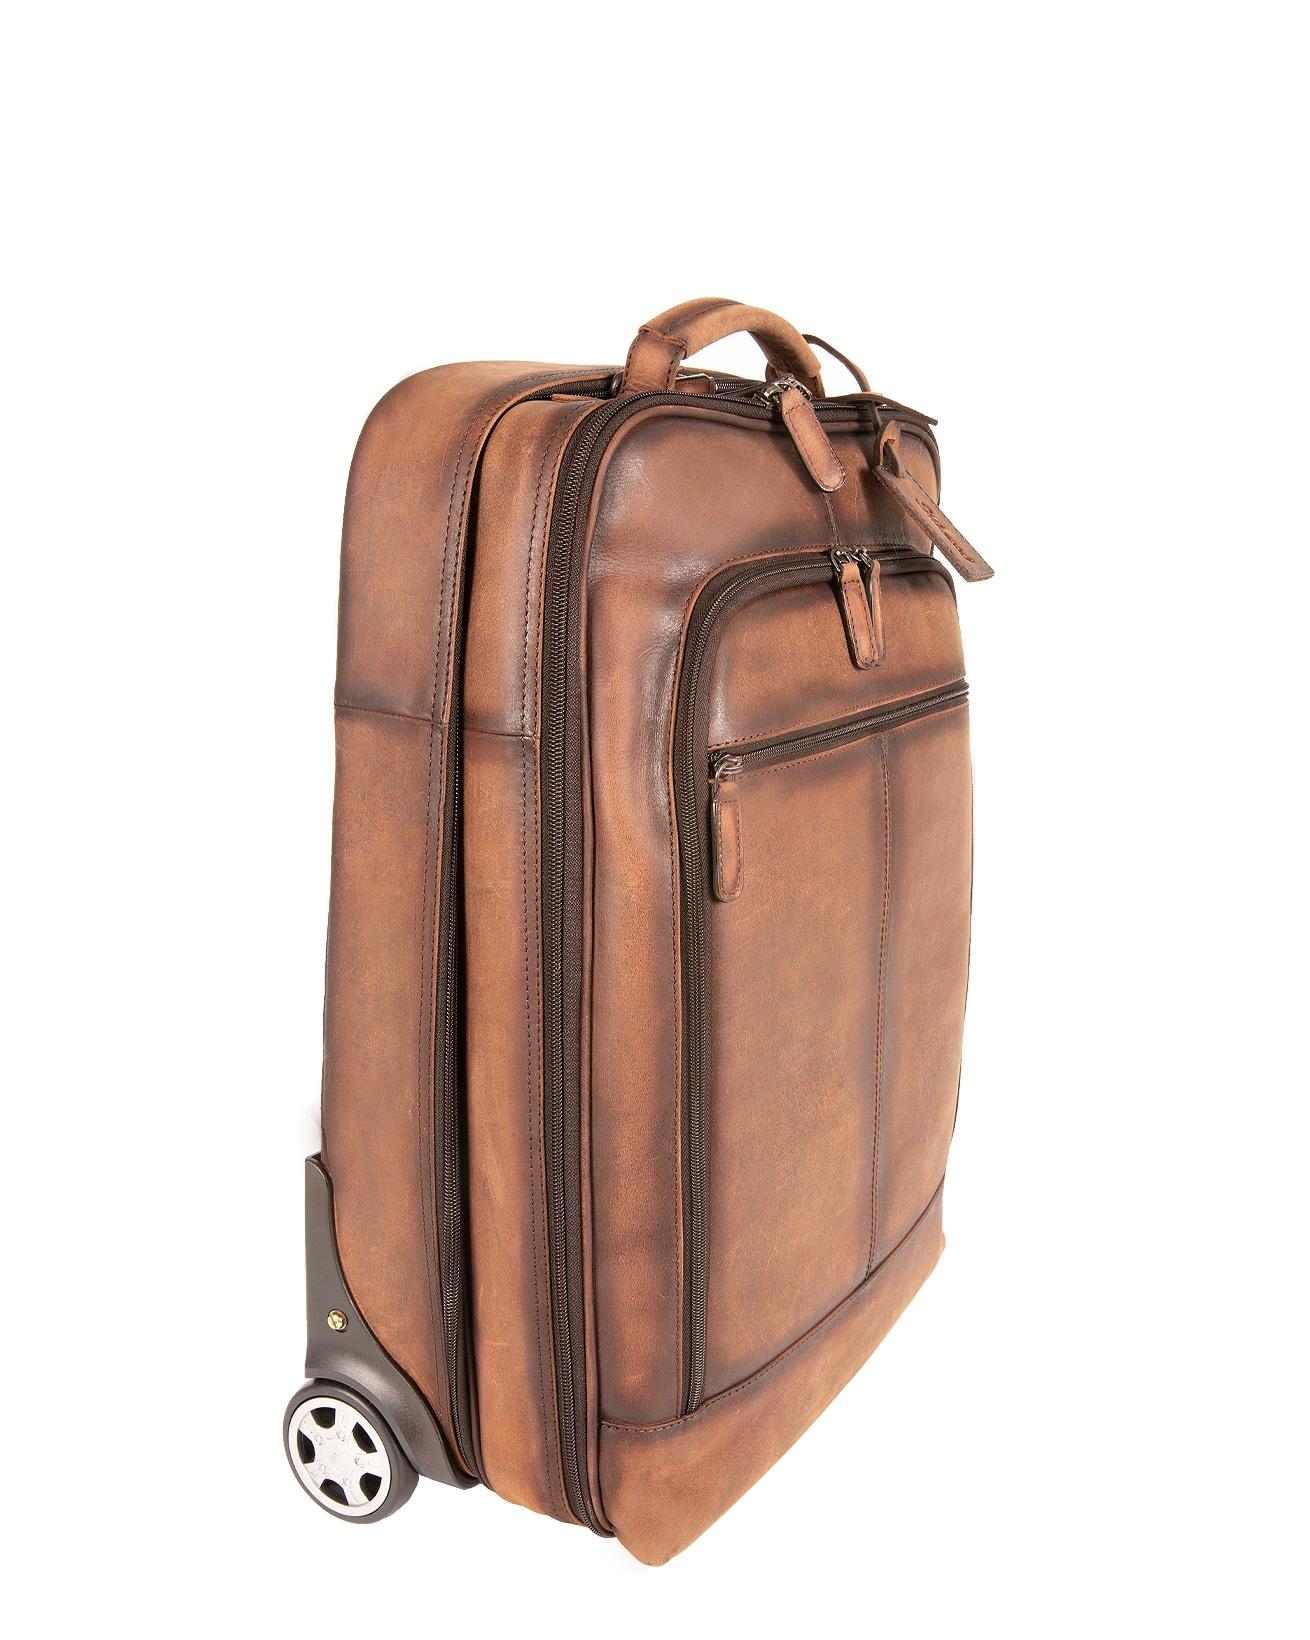 7534-tornado cabin bag-brown-side.jpg